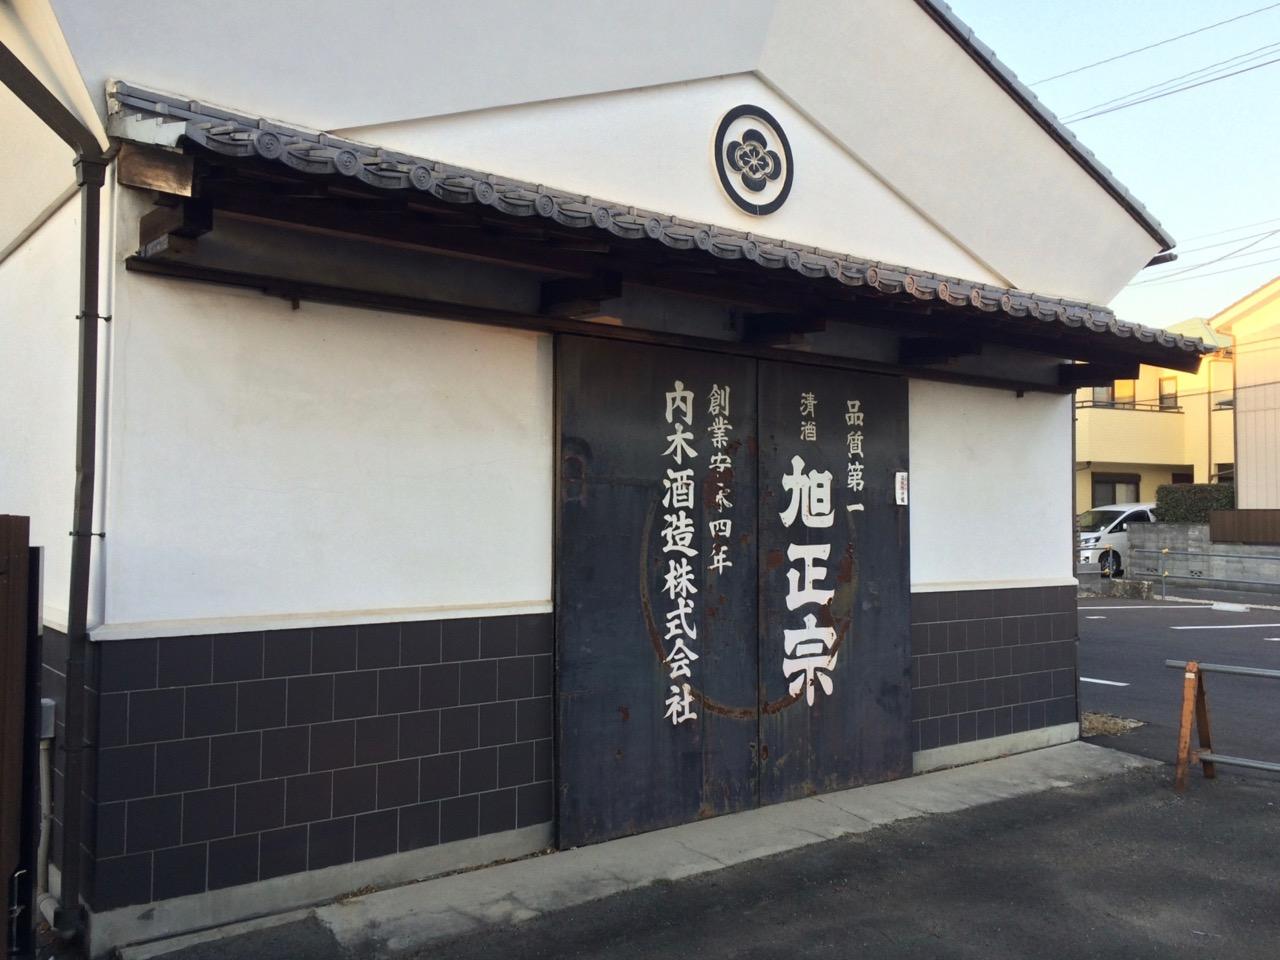 浦和唯一の酒蔵、内木酒造